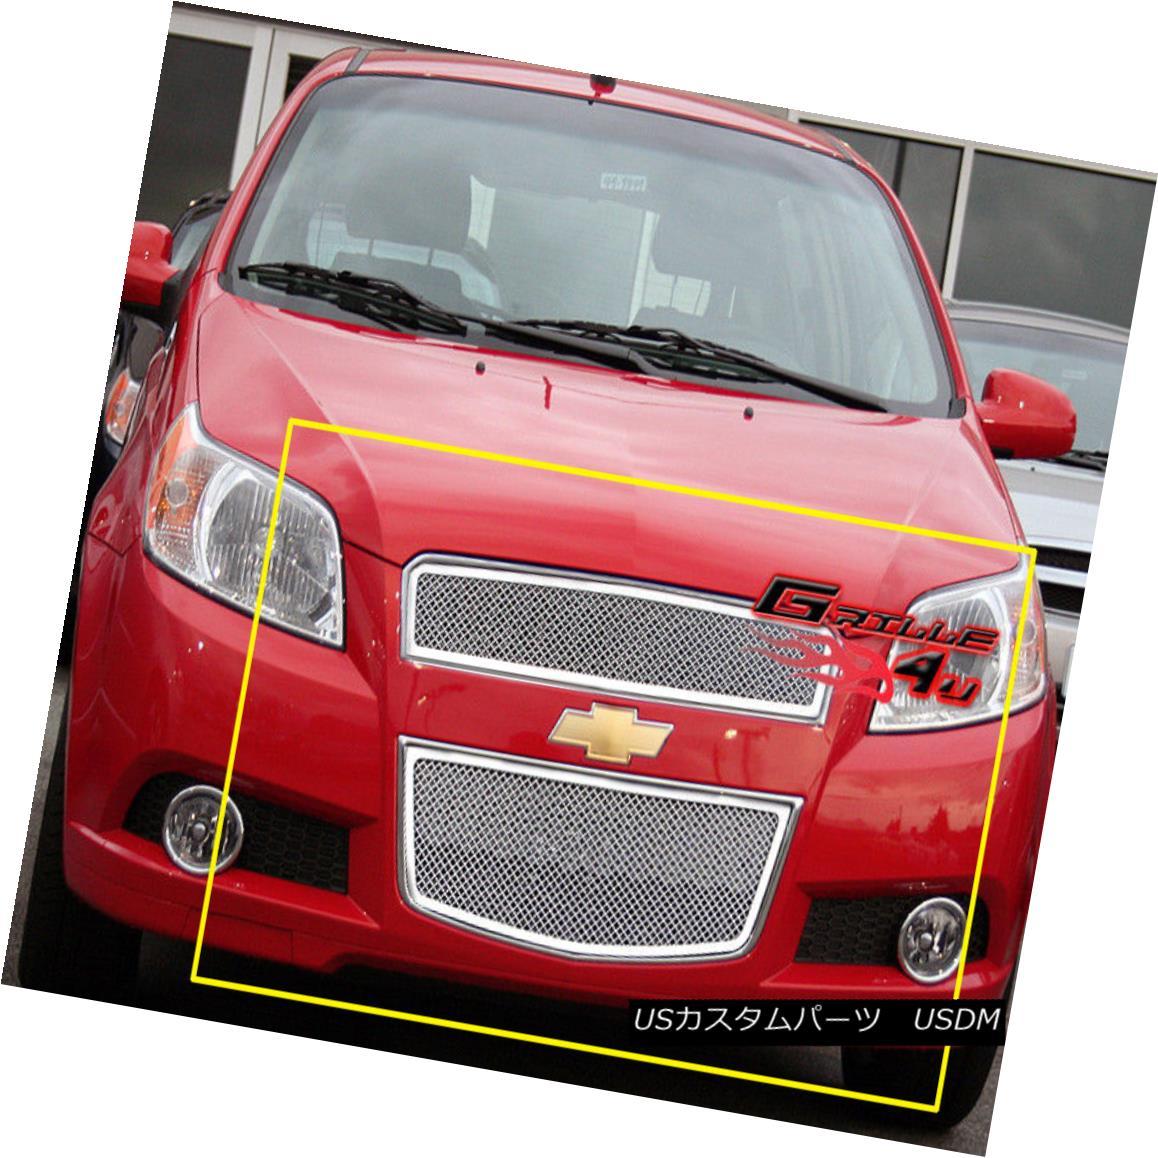 グリル Fits 2009-2011 Chevy Aveo 5 Door Hatchback Stainless Steel Mesh Grille T255 2009-2011 Chevy Aveo 5ドアハッチバックステンレスメッシュグリルT255に適合